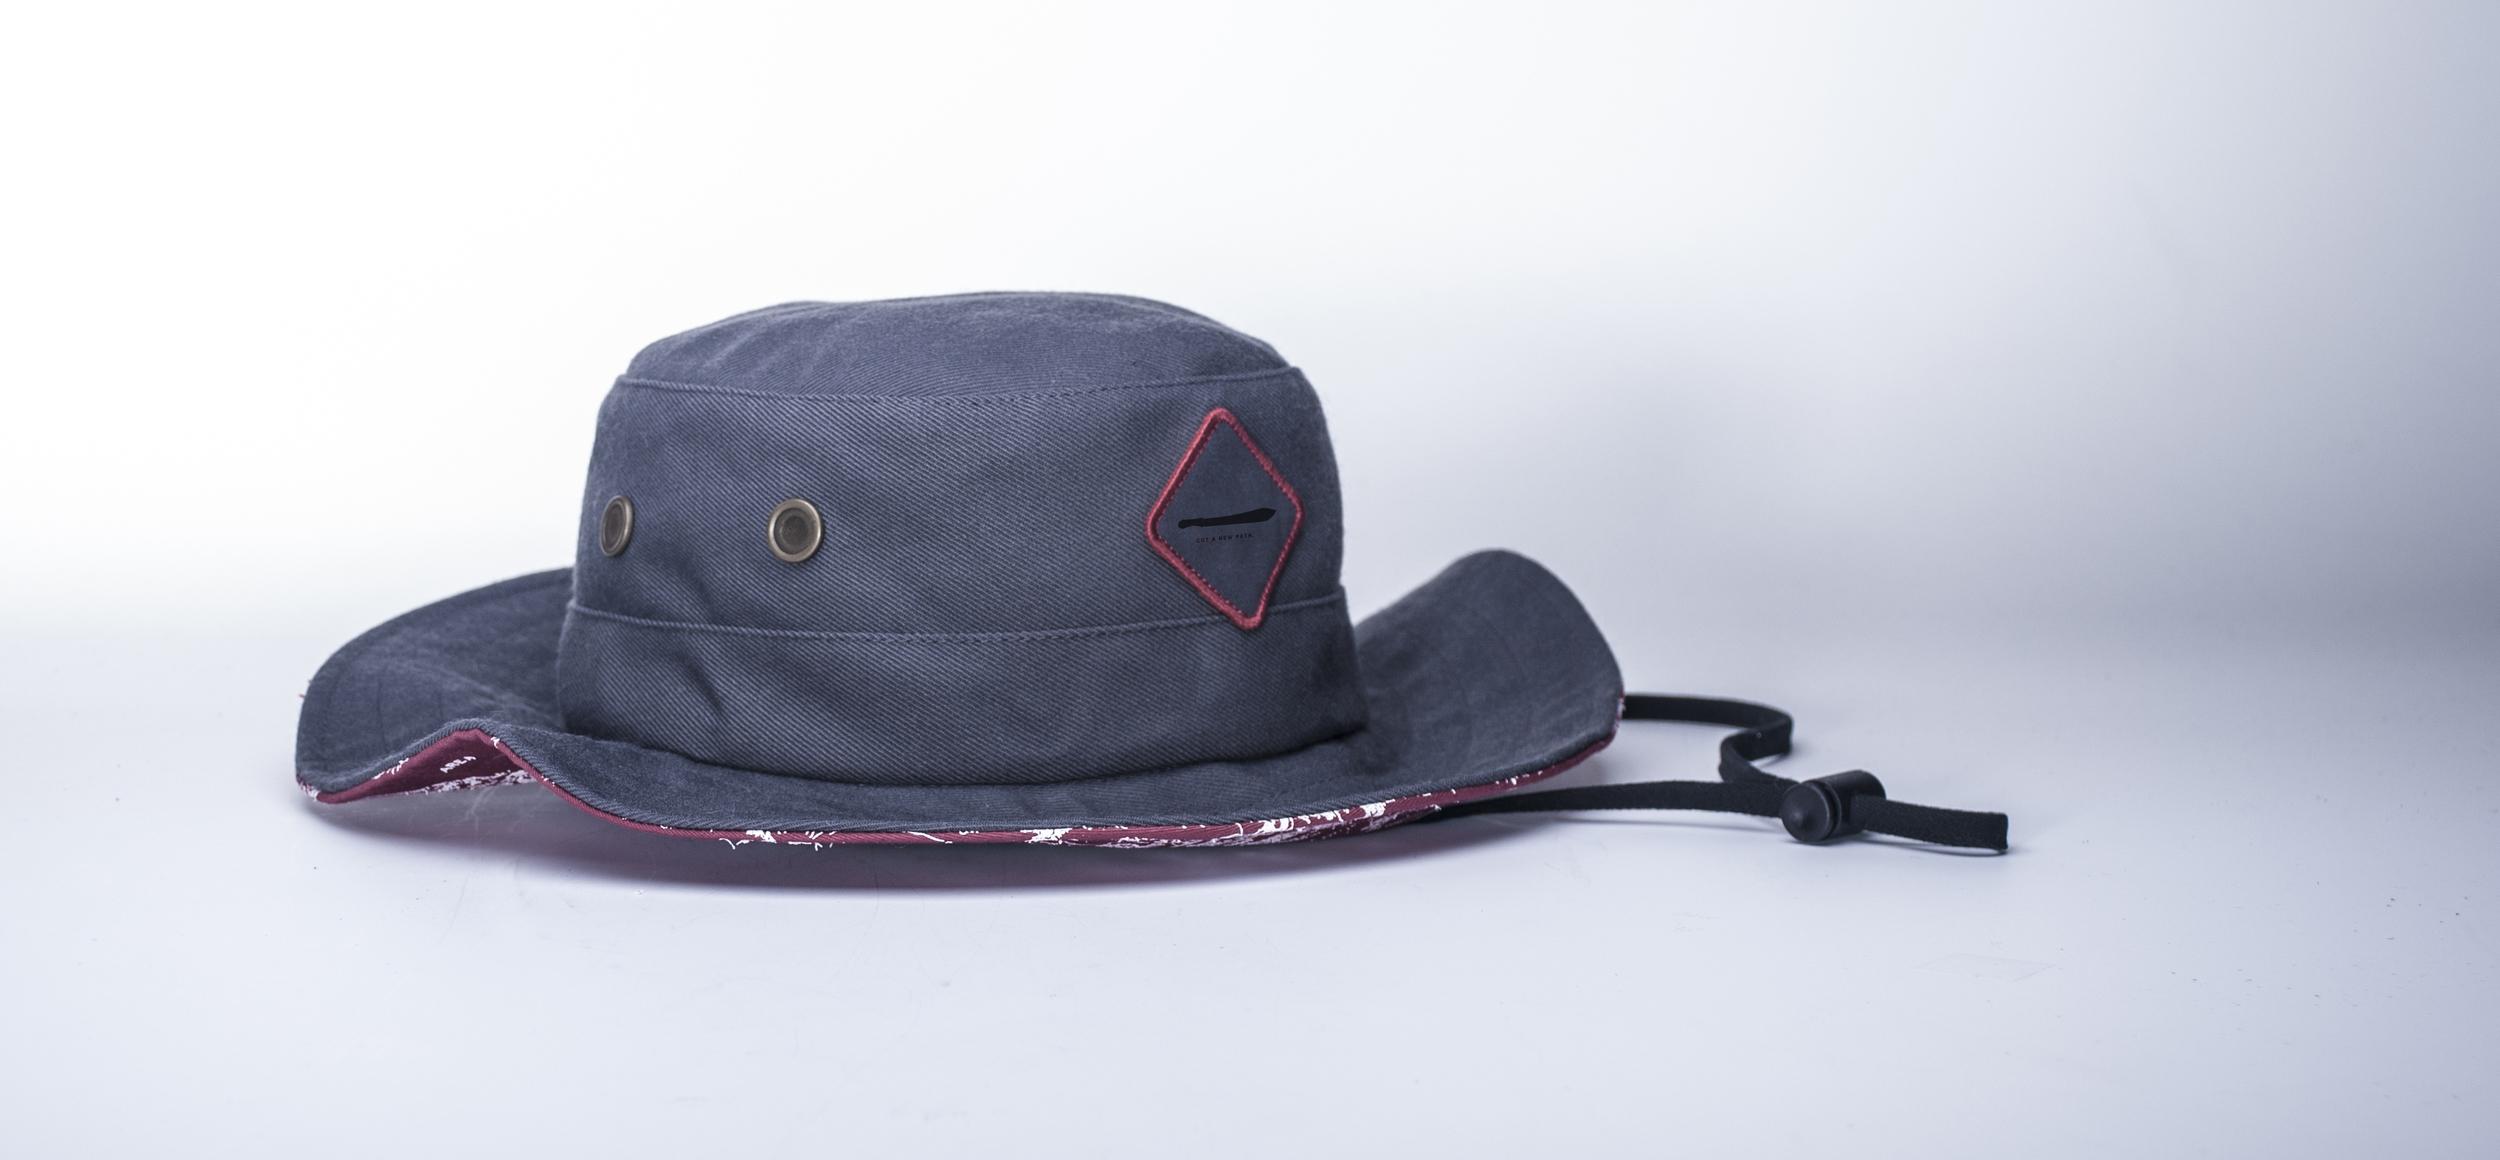 5a8502fe F72 // Full Custom Boonie Hat — CAPTUER HEADWEAR